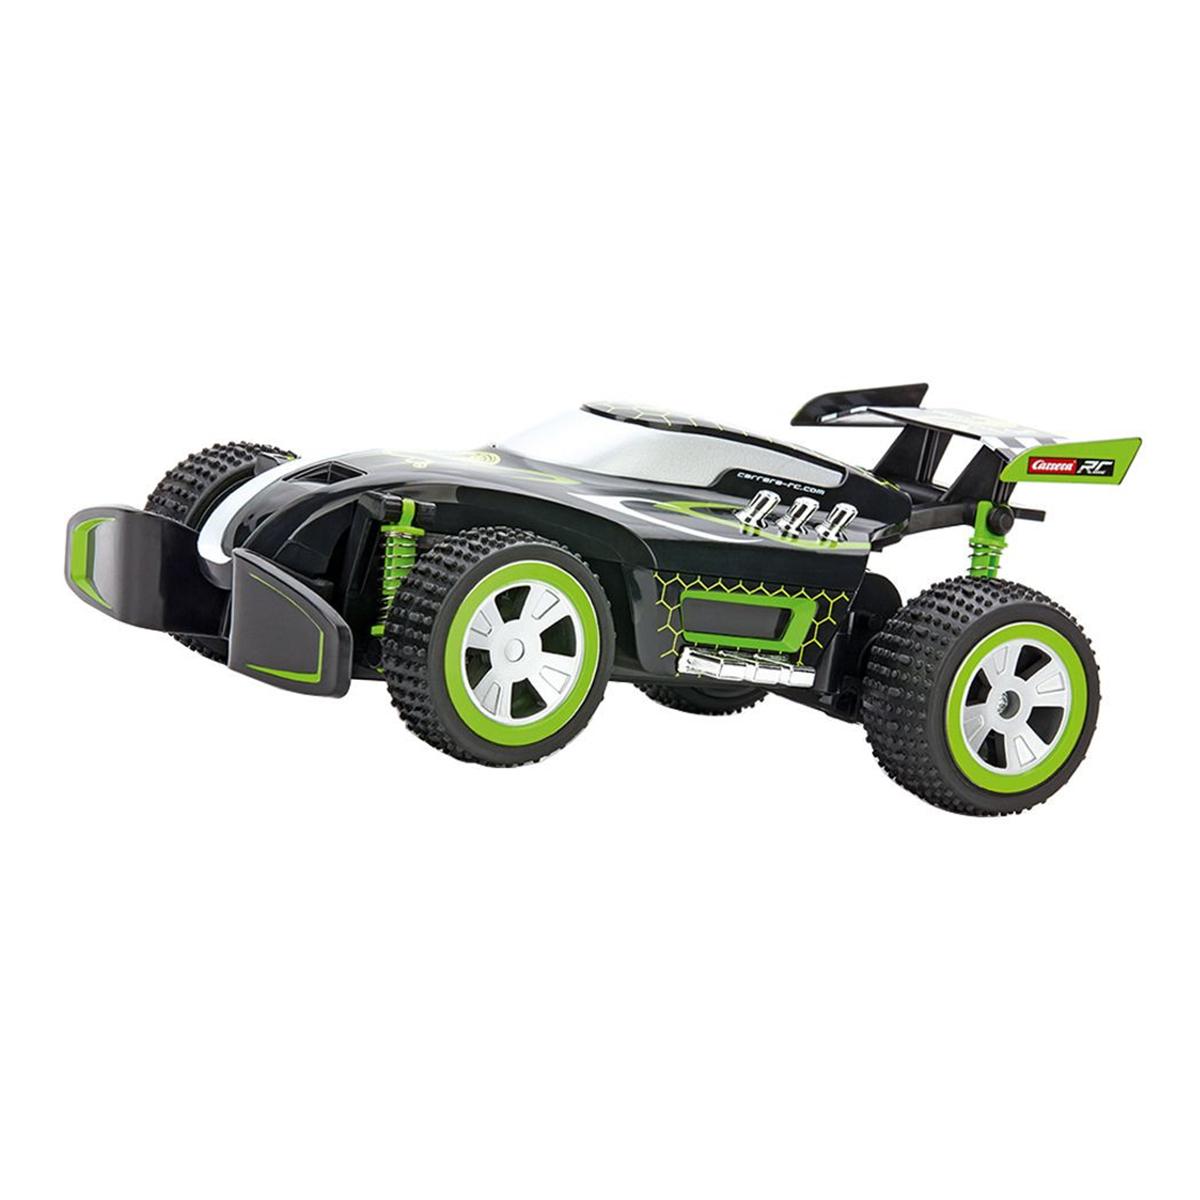 Carrera R/C Green Cobra3 1:20